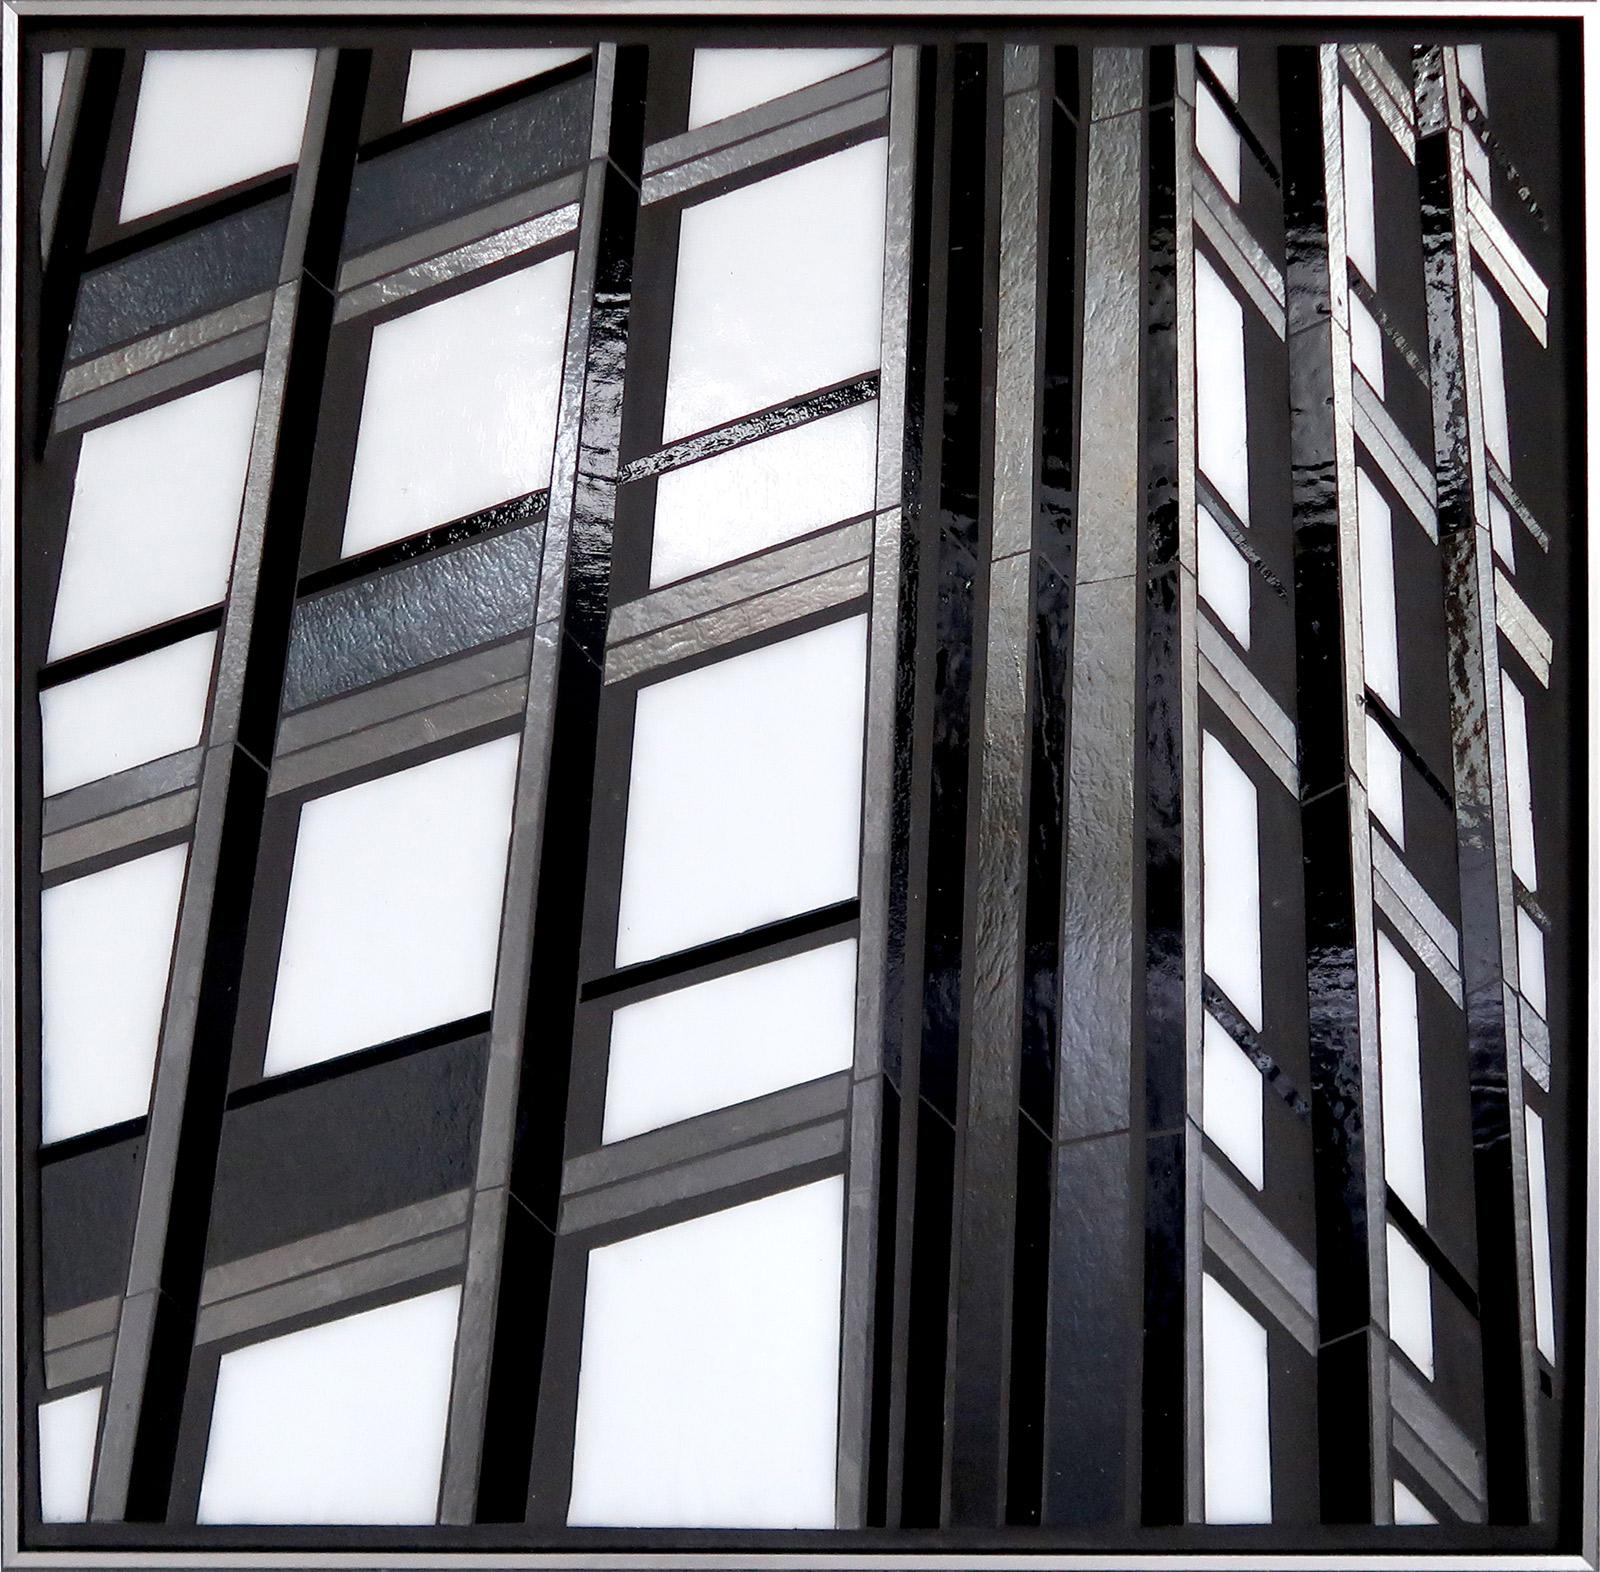 Reflect 1.31 Mies grid